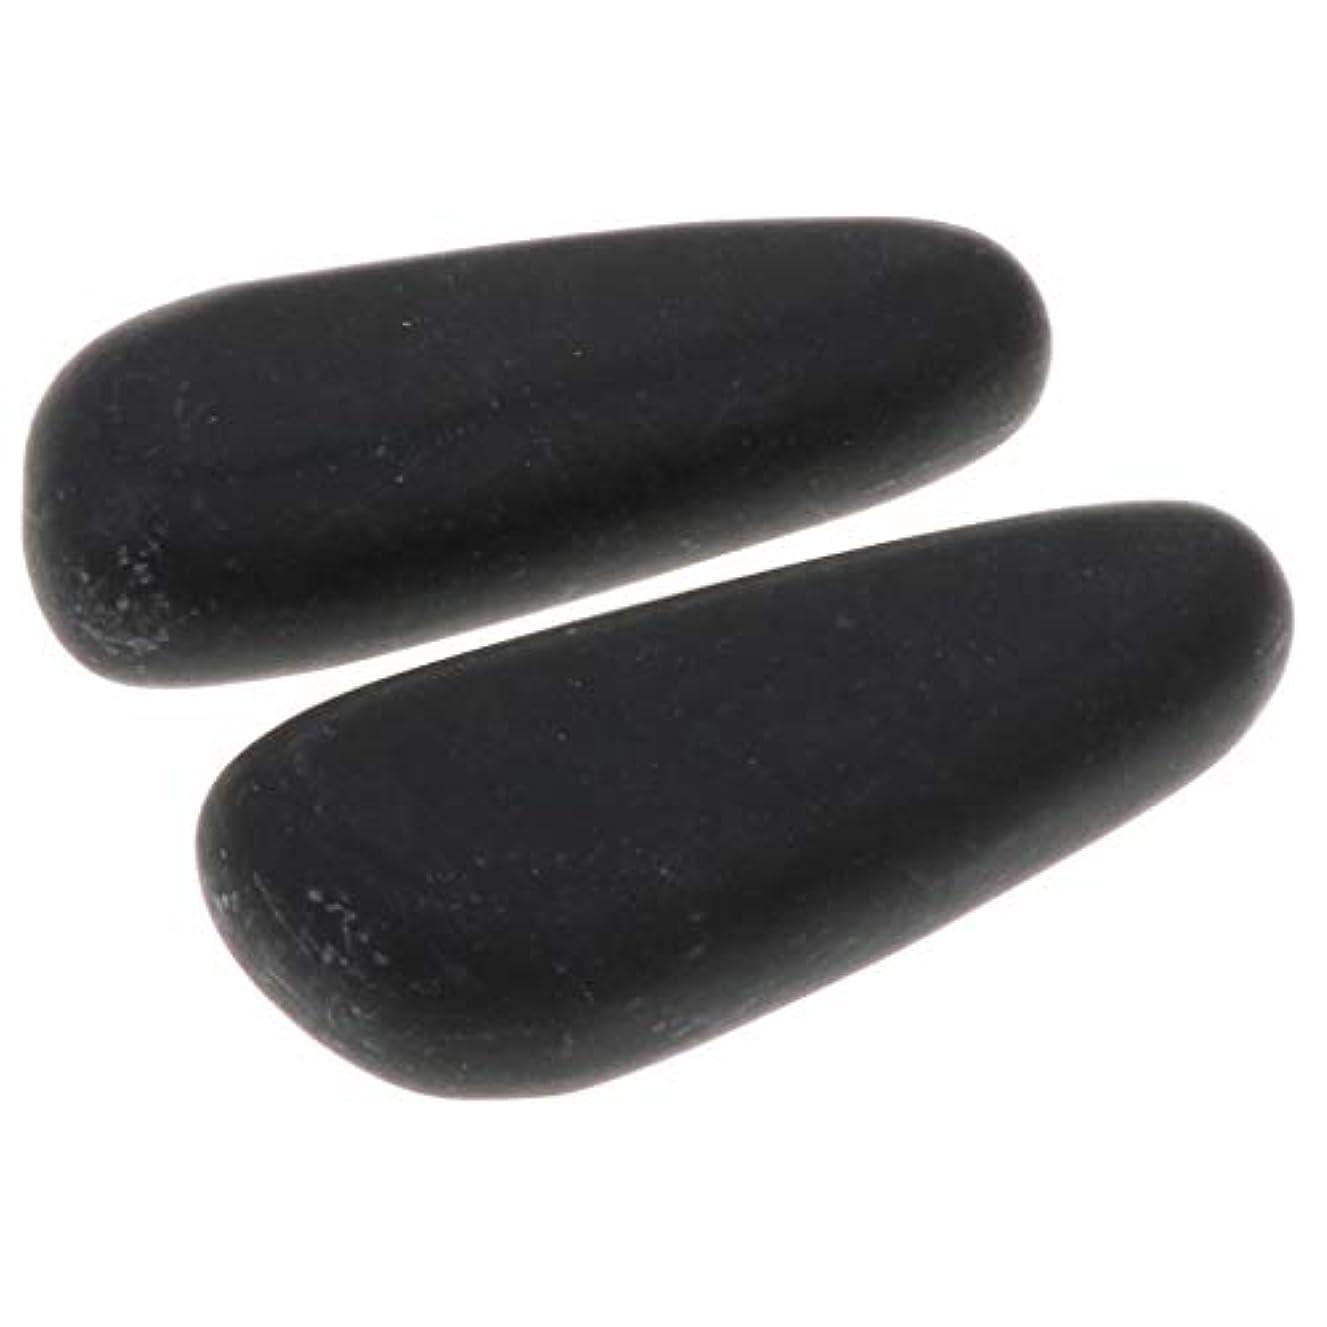 広がりイタリアの思い出す全2サイズ ホットストーン マッサージ石 マッサージストーン 玄武岩 ボディマッサージ スパ 2個入 - 8×3.2×2cm